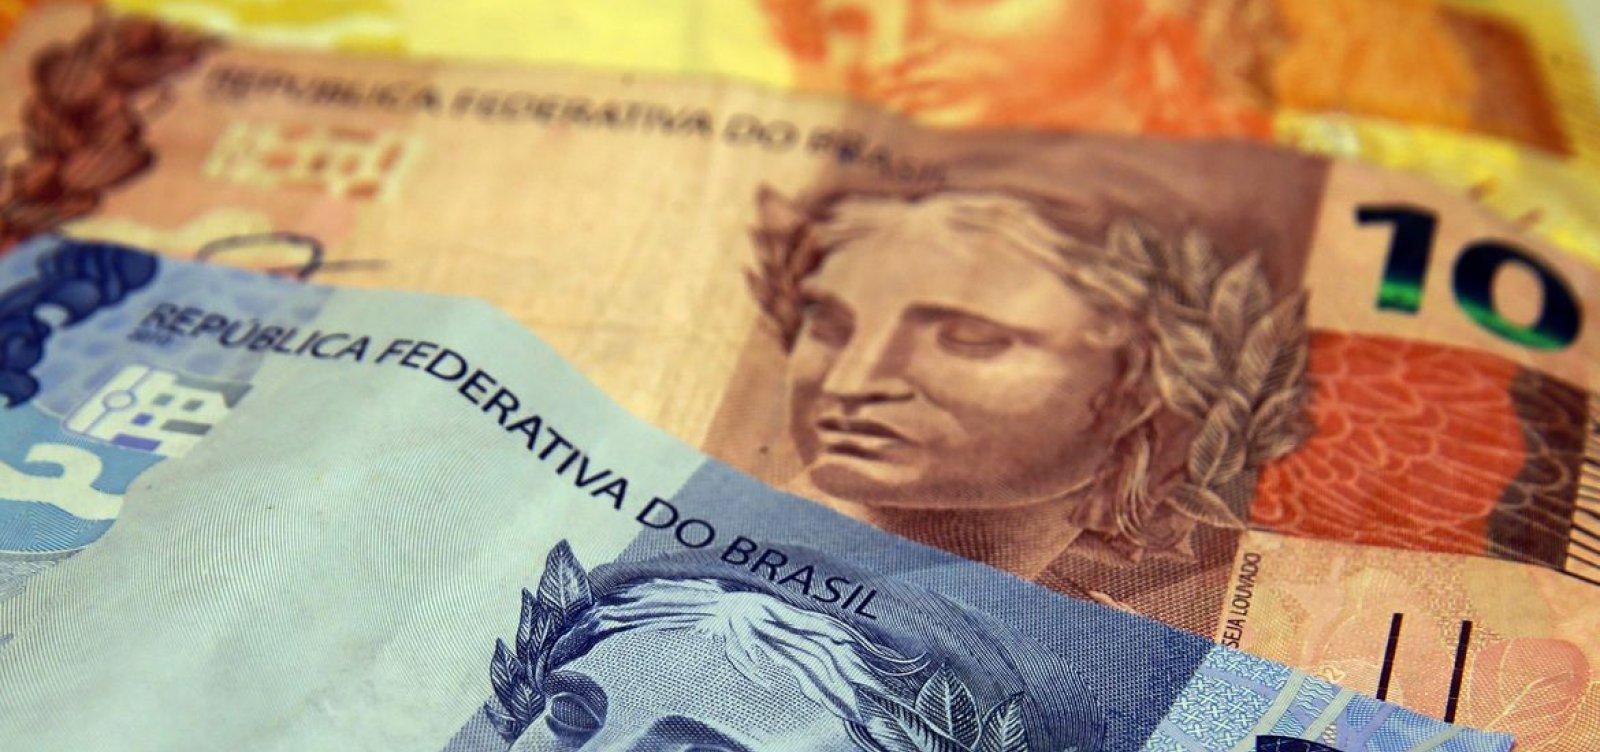 Microempreendedores têm menos de uma semana para regularizar dívidas